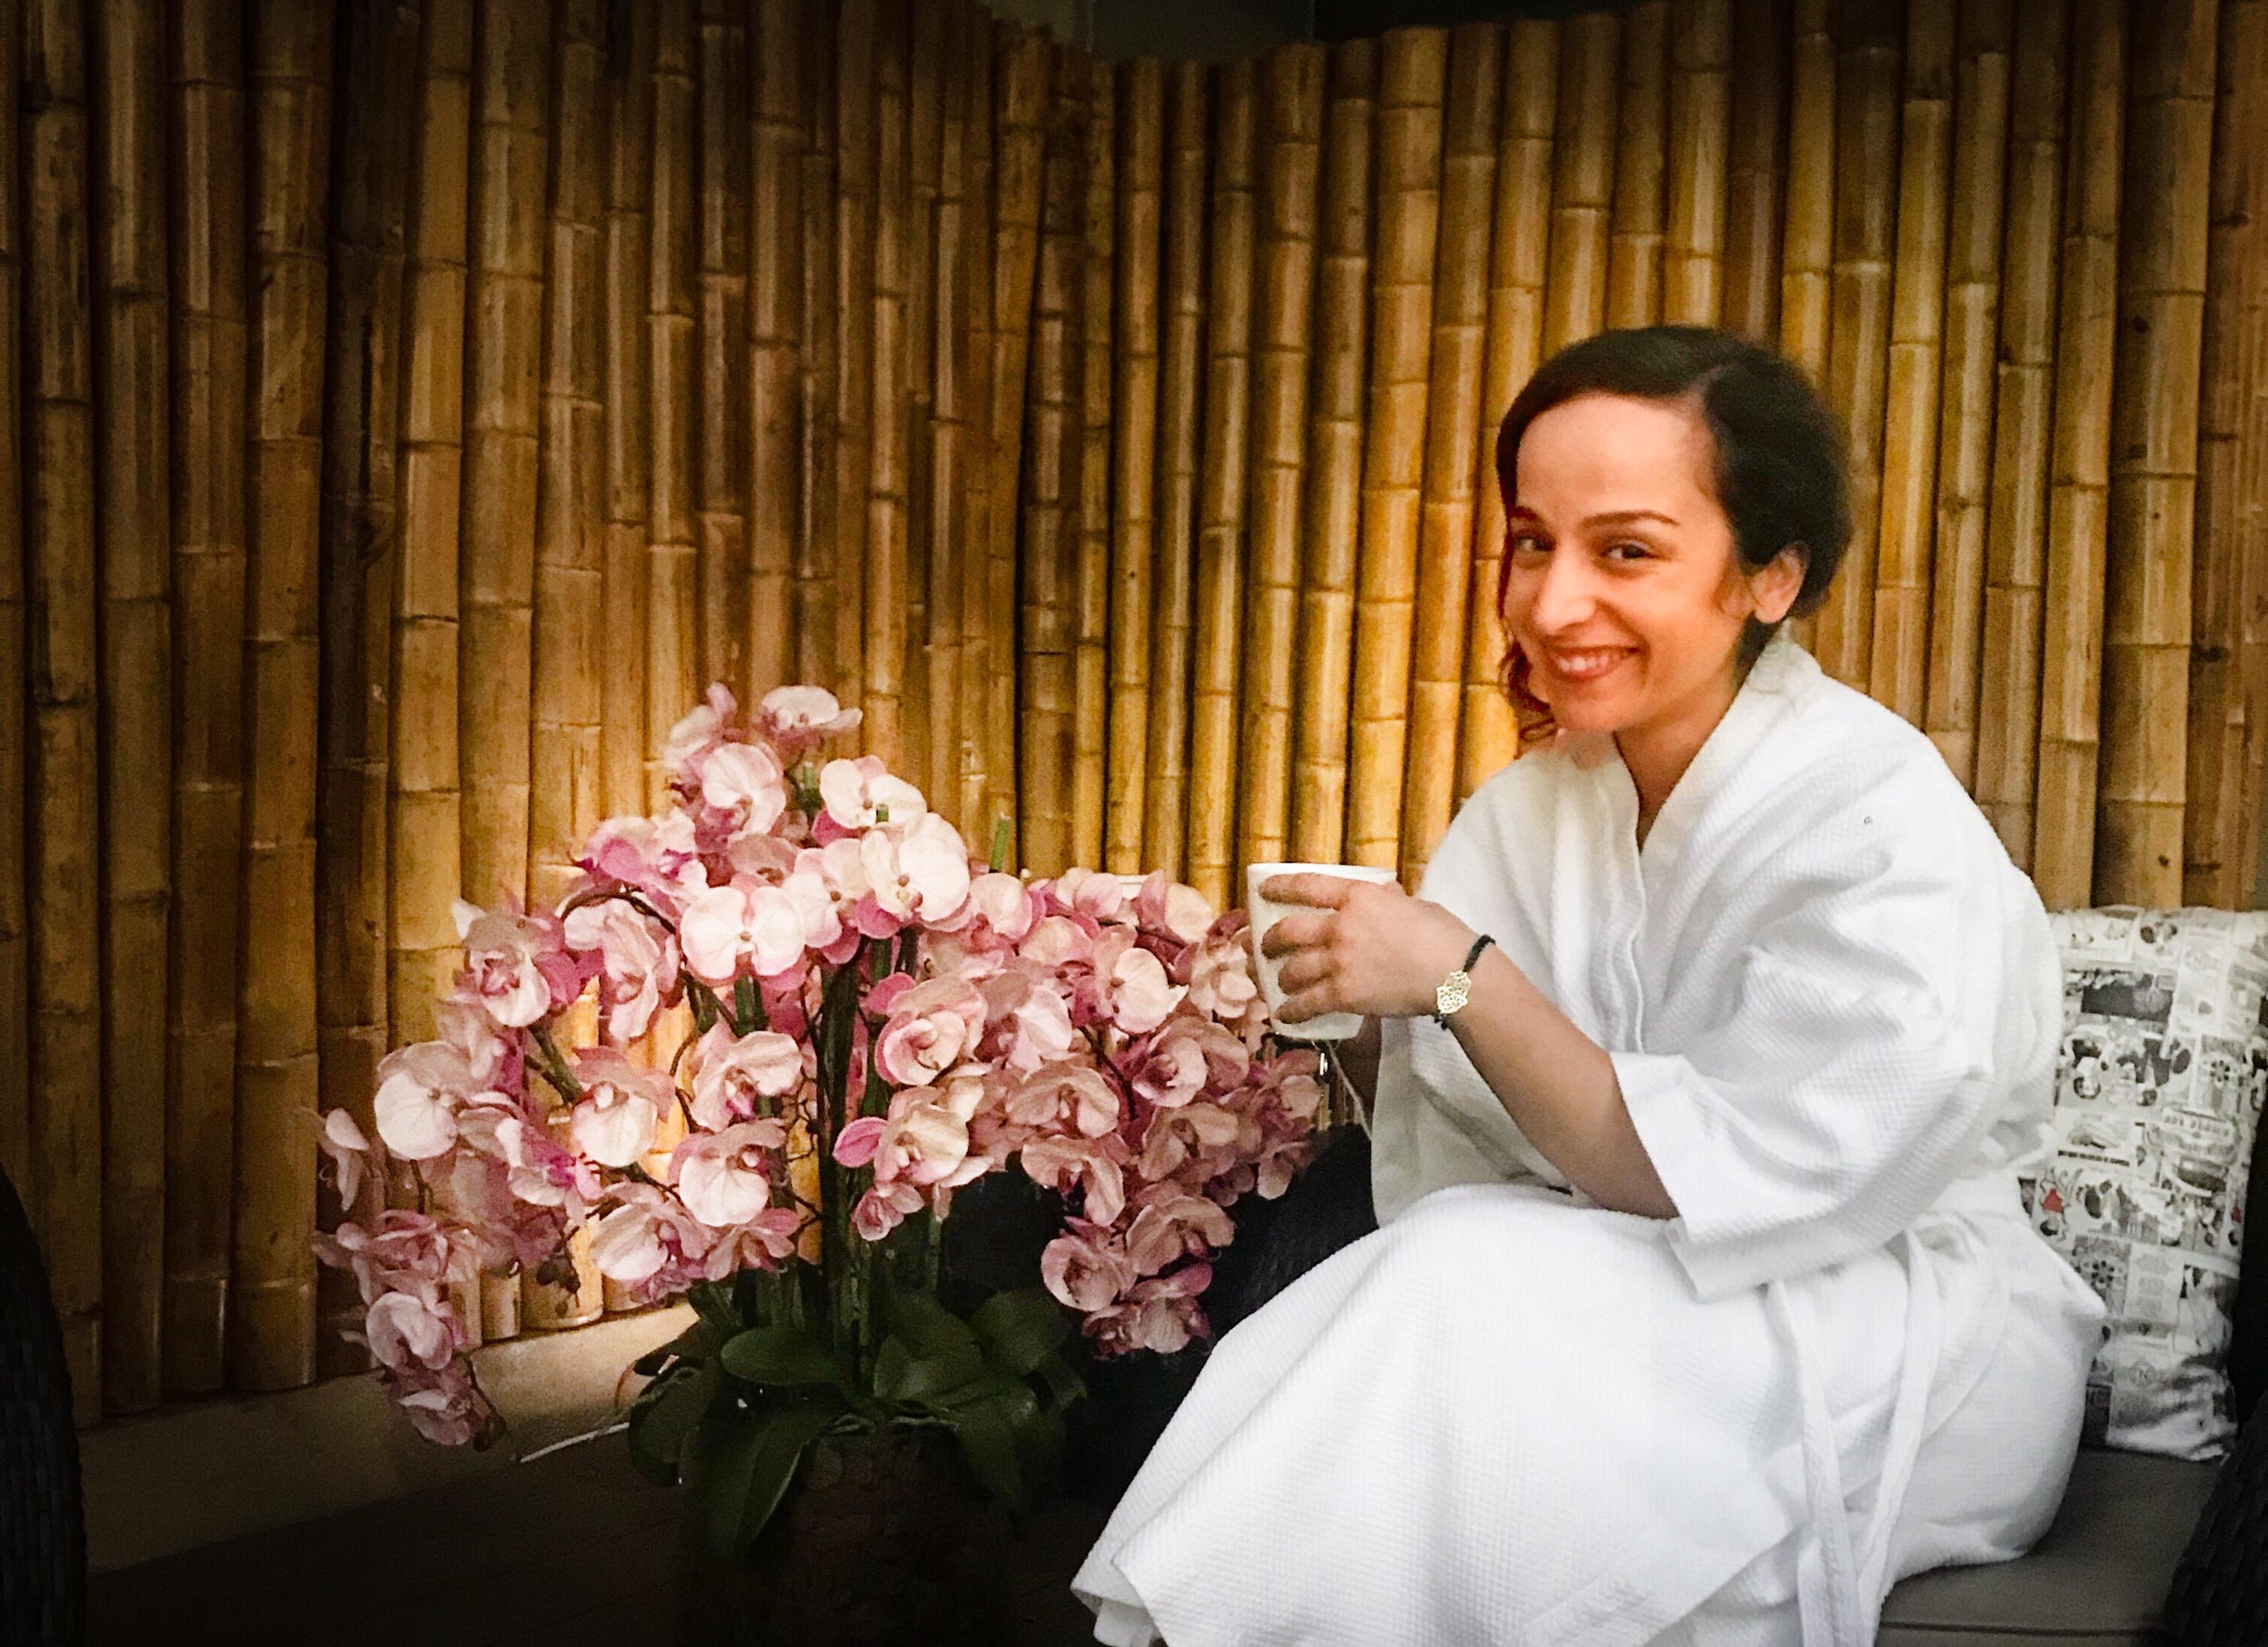 @ptitnfit's cover photo for 'G spa: Relax, Restore, Rejuvenate! - PtitNFit'